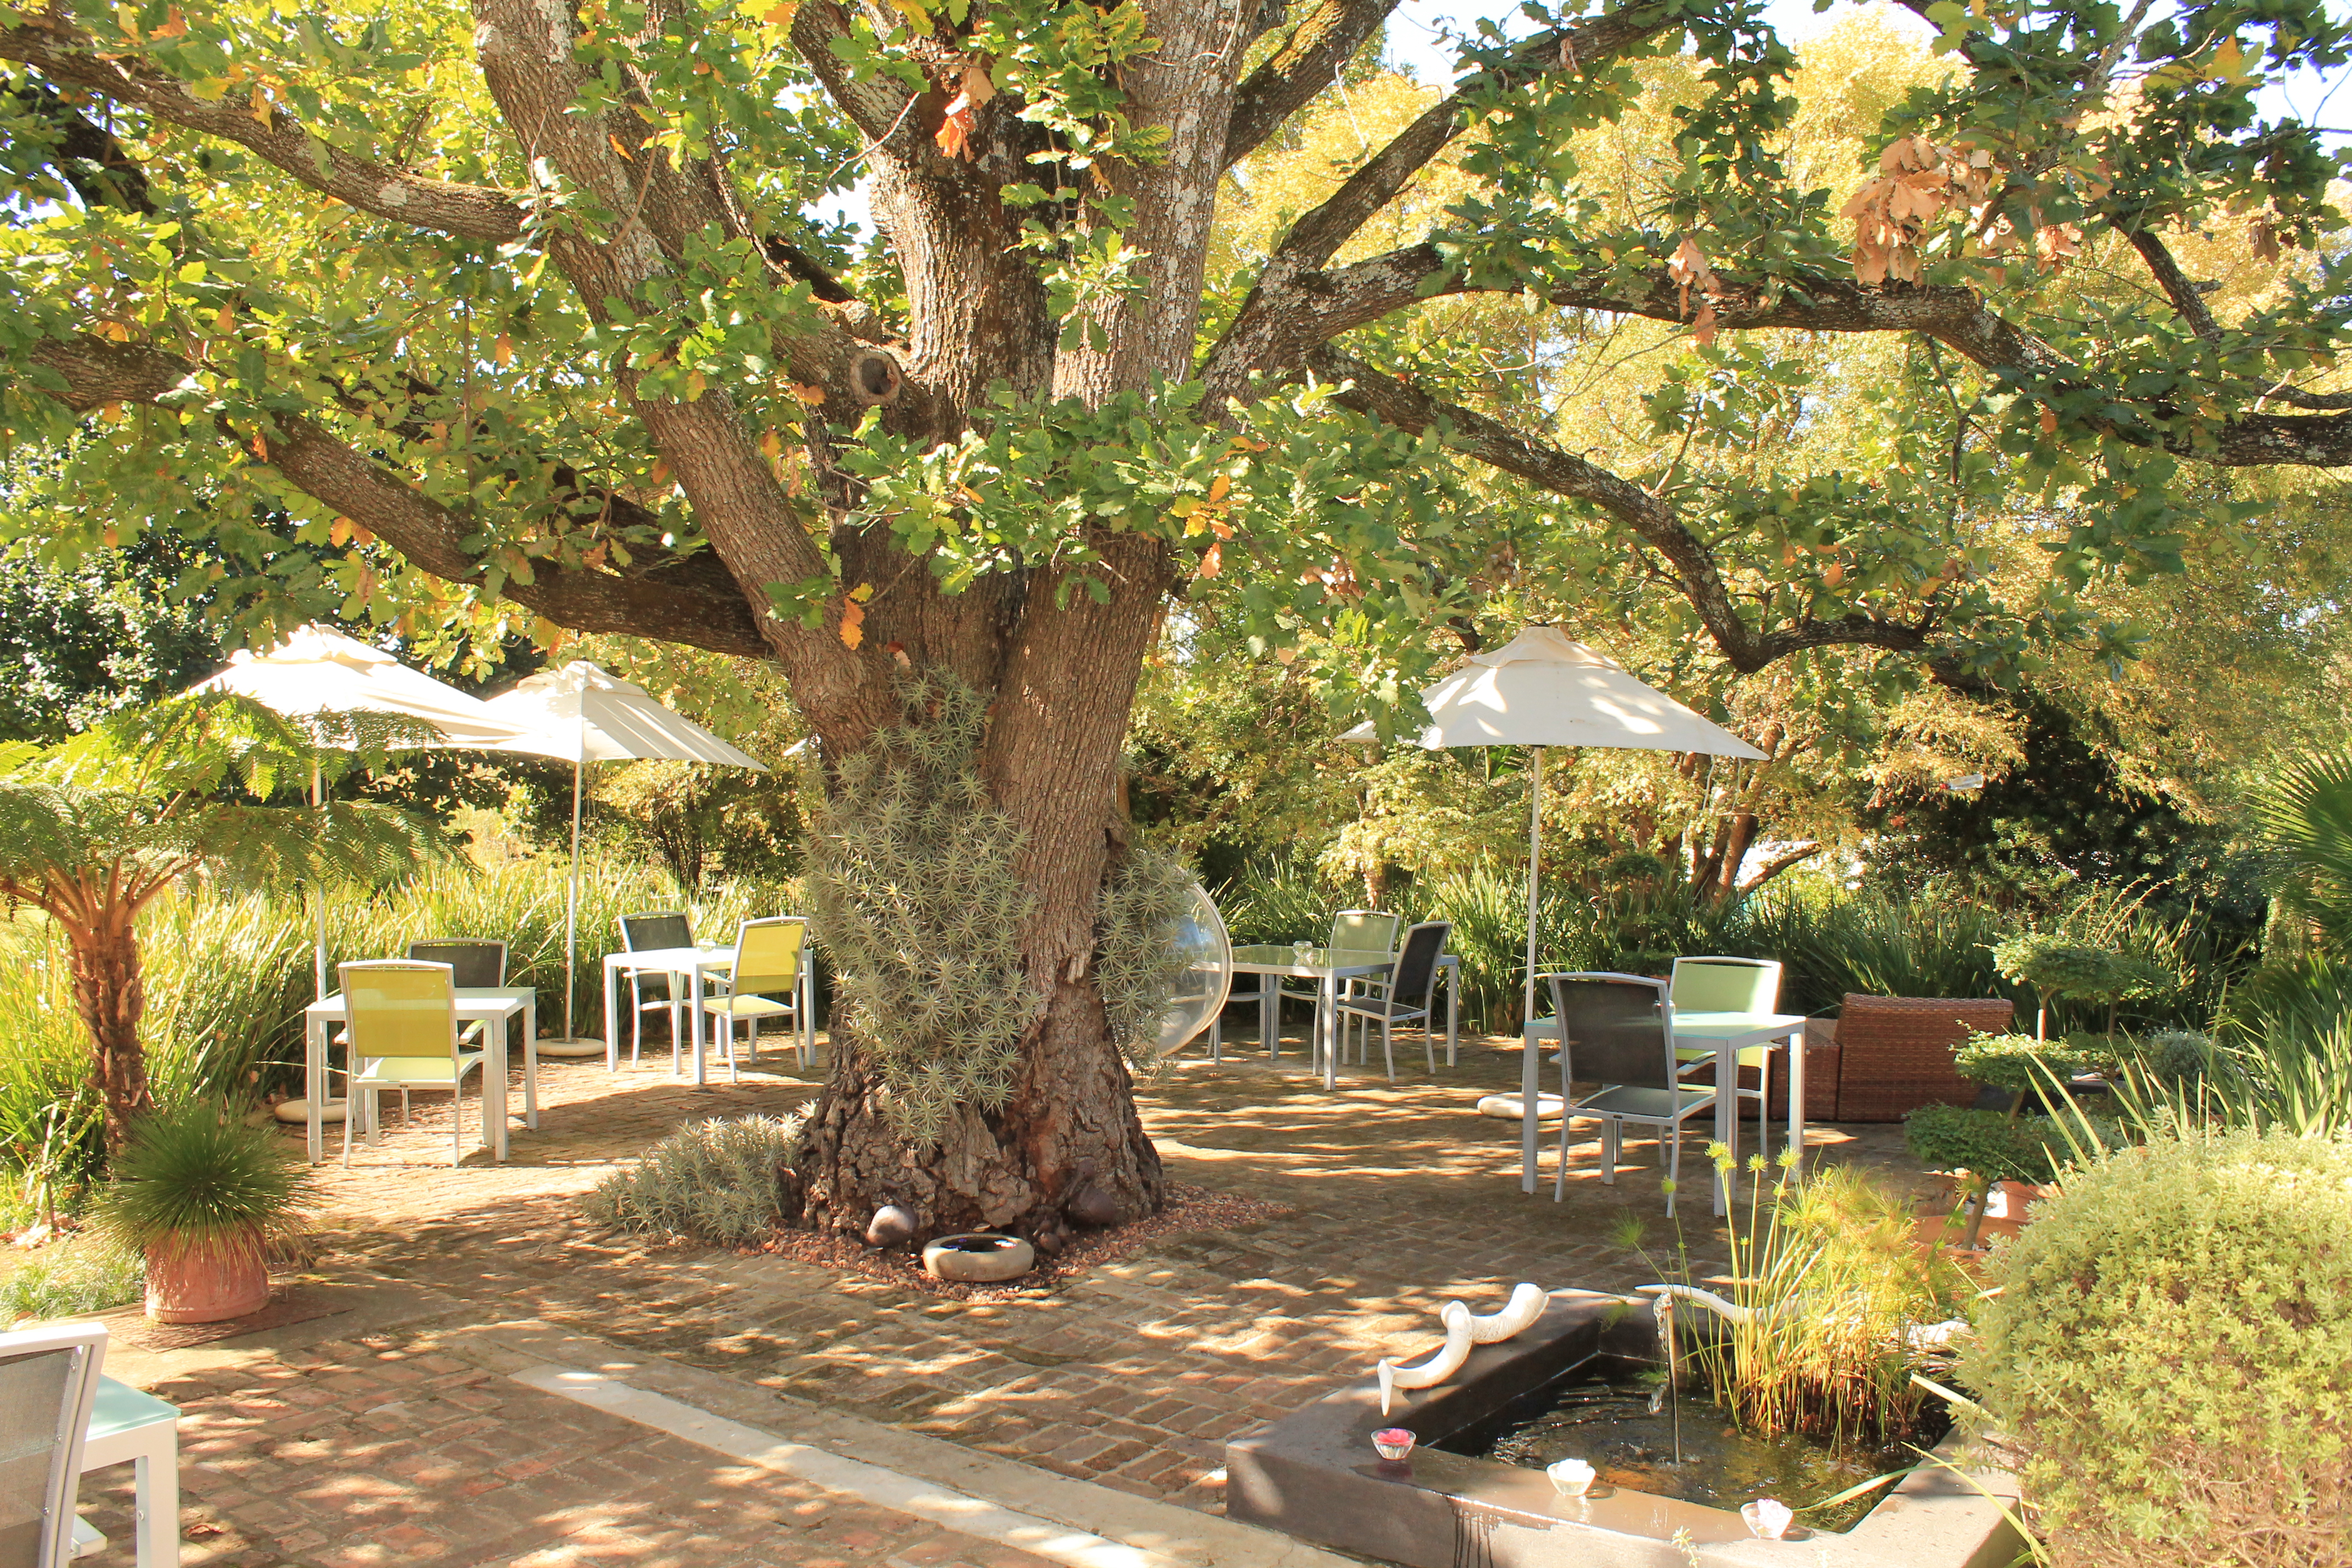 rothman-manor-garden-route